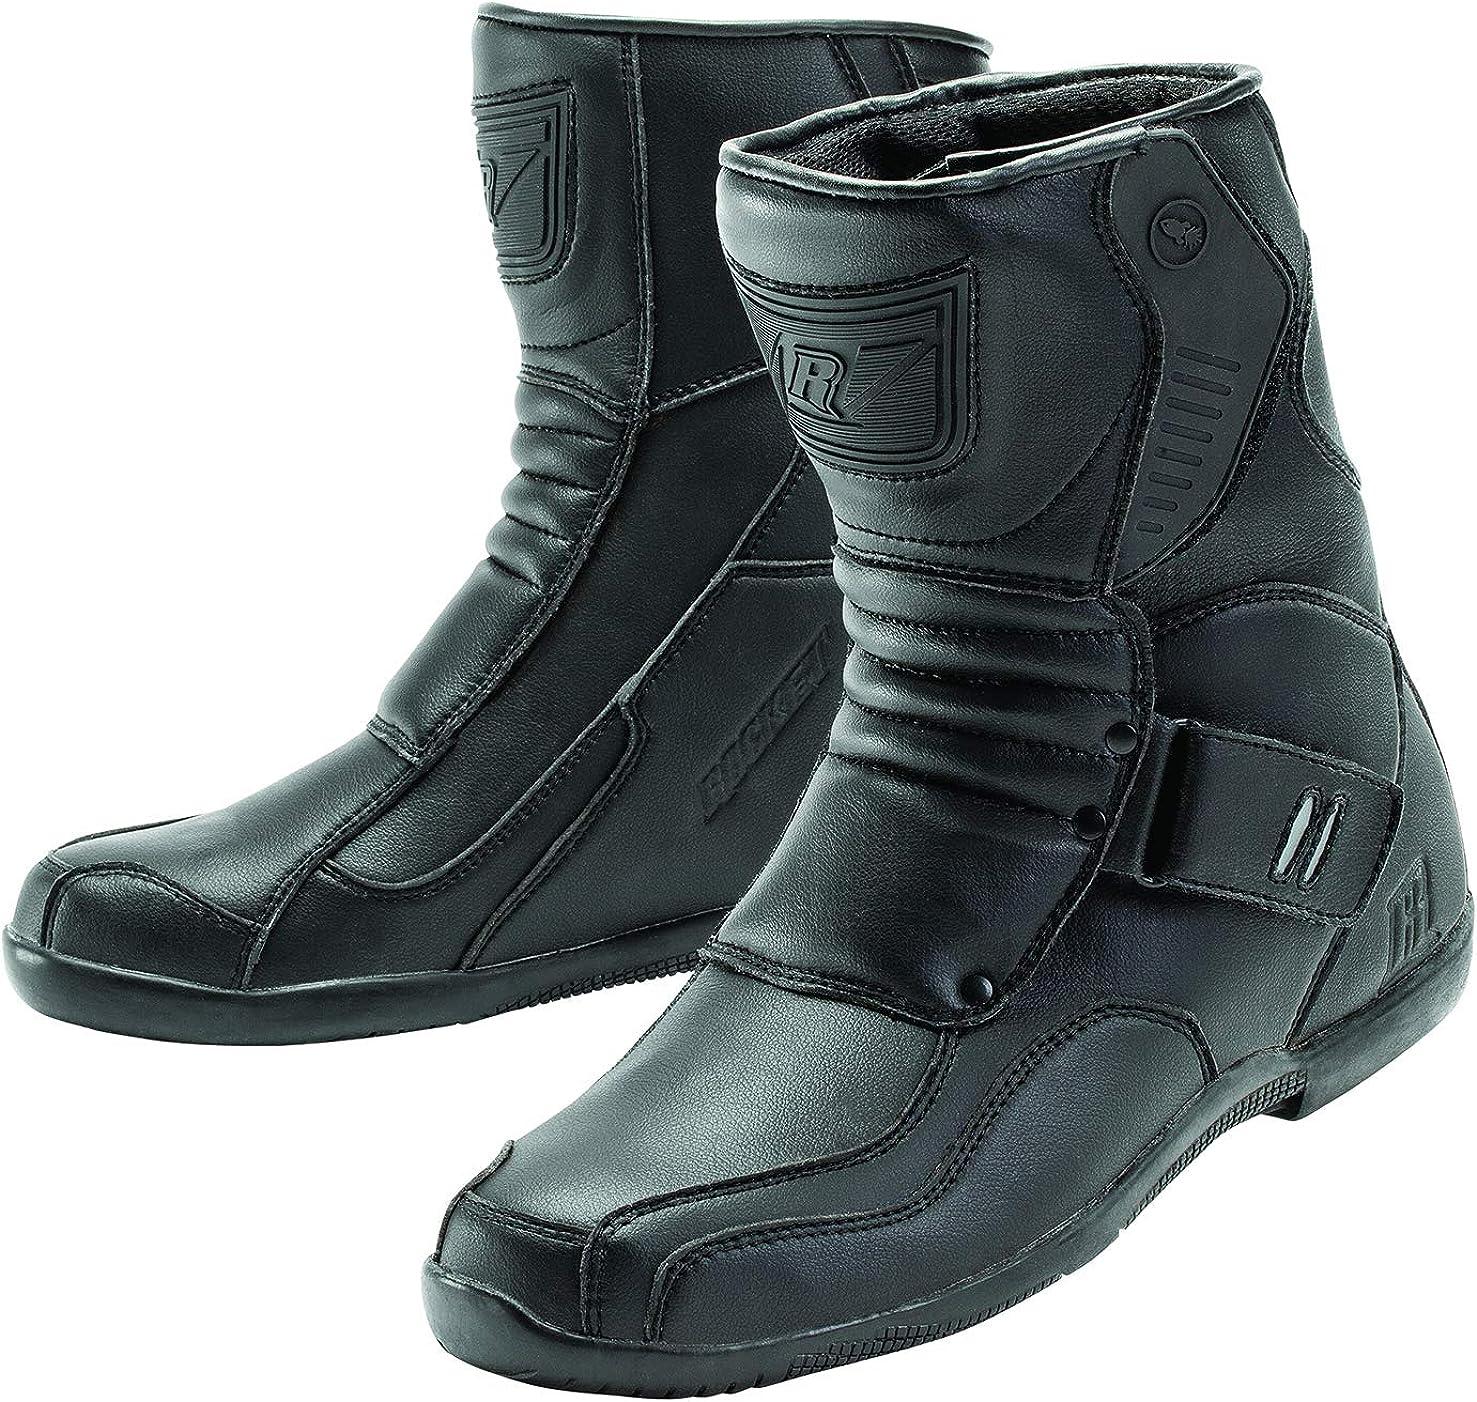 5% OFF Joe Rocket Men's 3 Boot Height Max 61% OFF Mercury 4